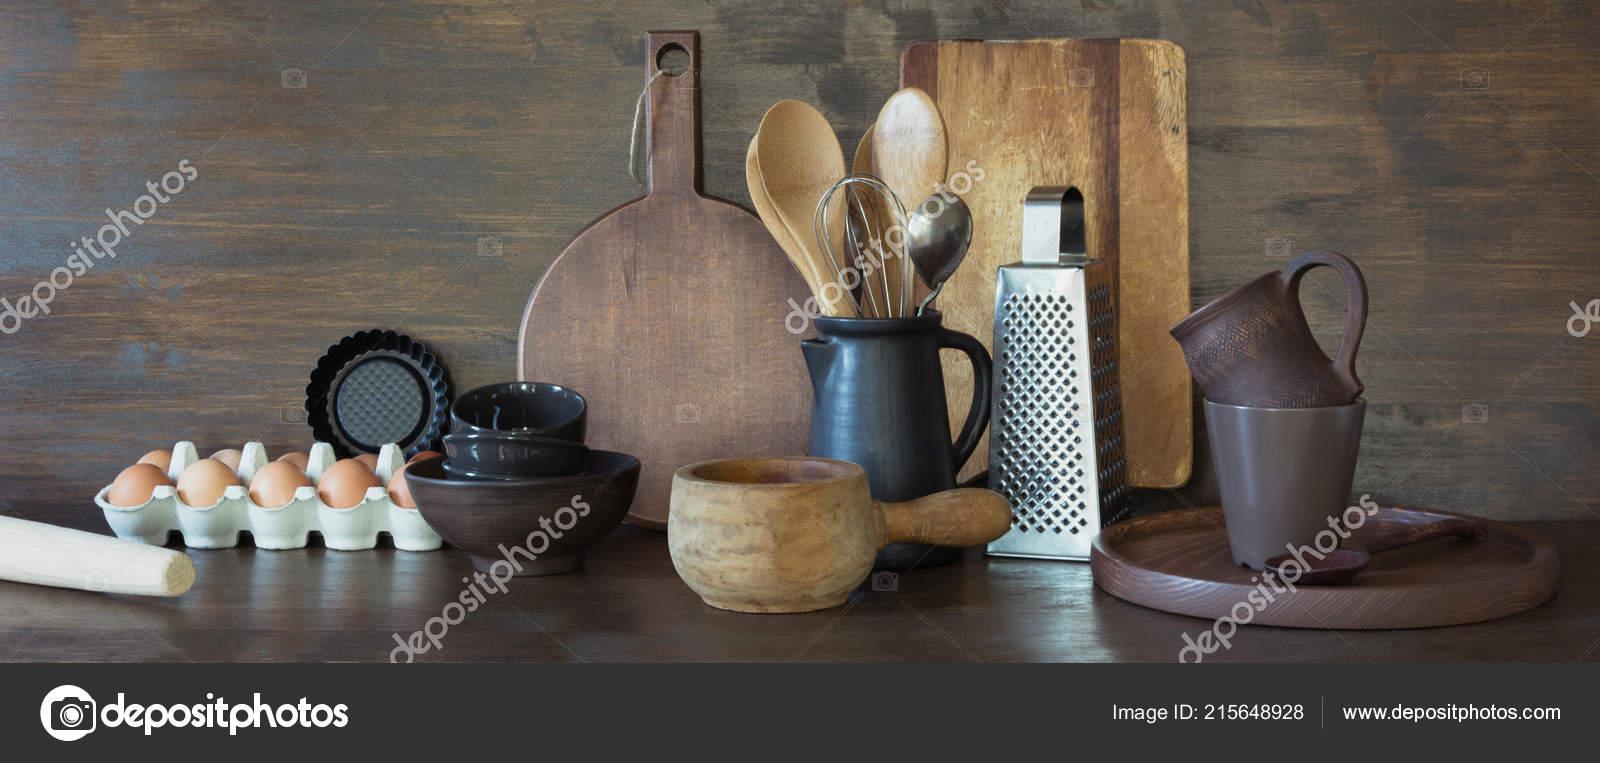 Stoviglie, clayware, scuri utensili e altre cose diverse sul ...